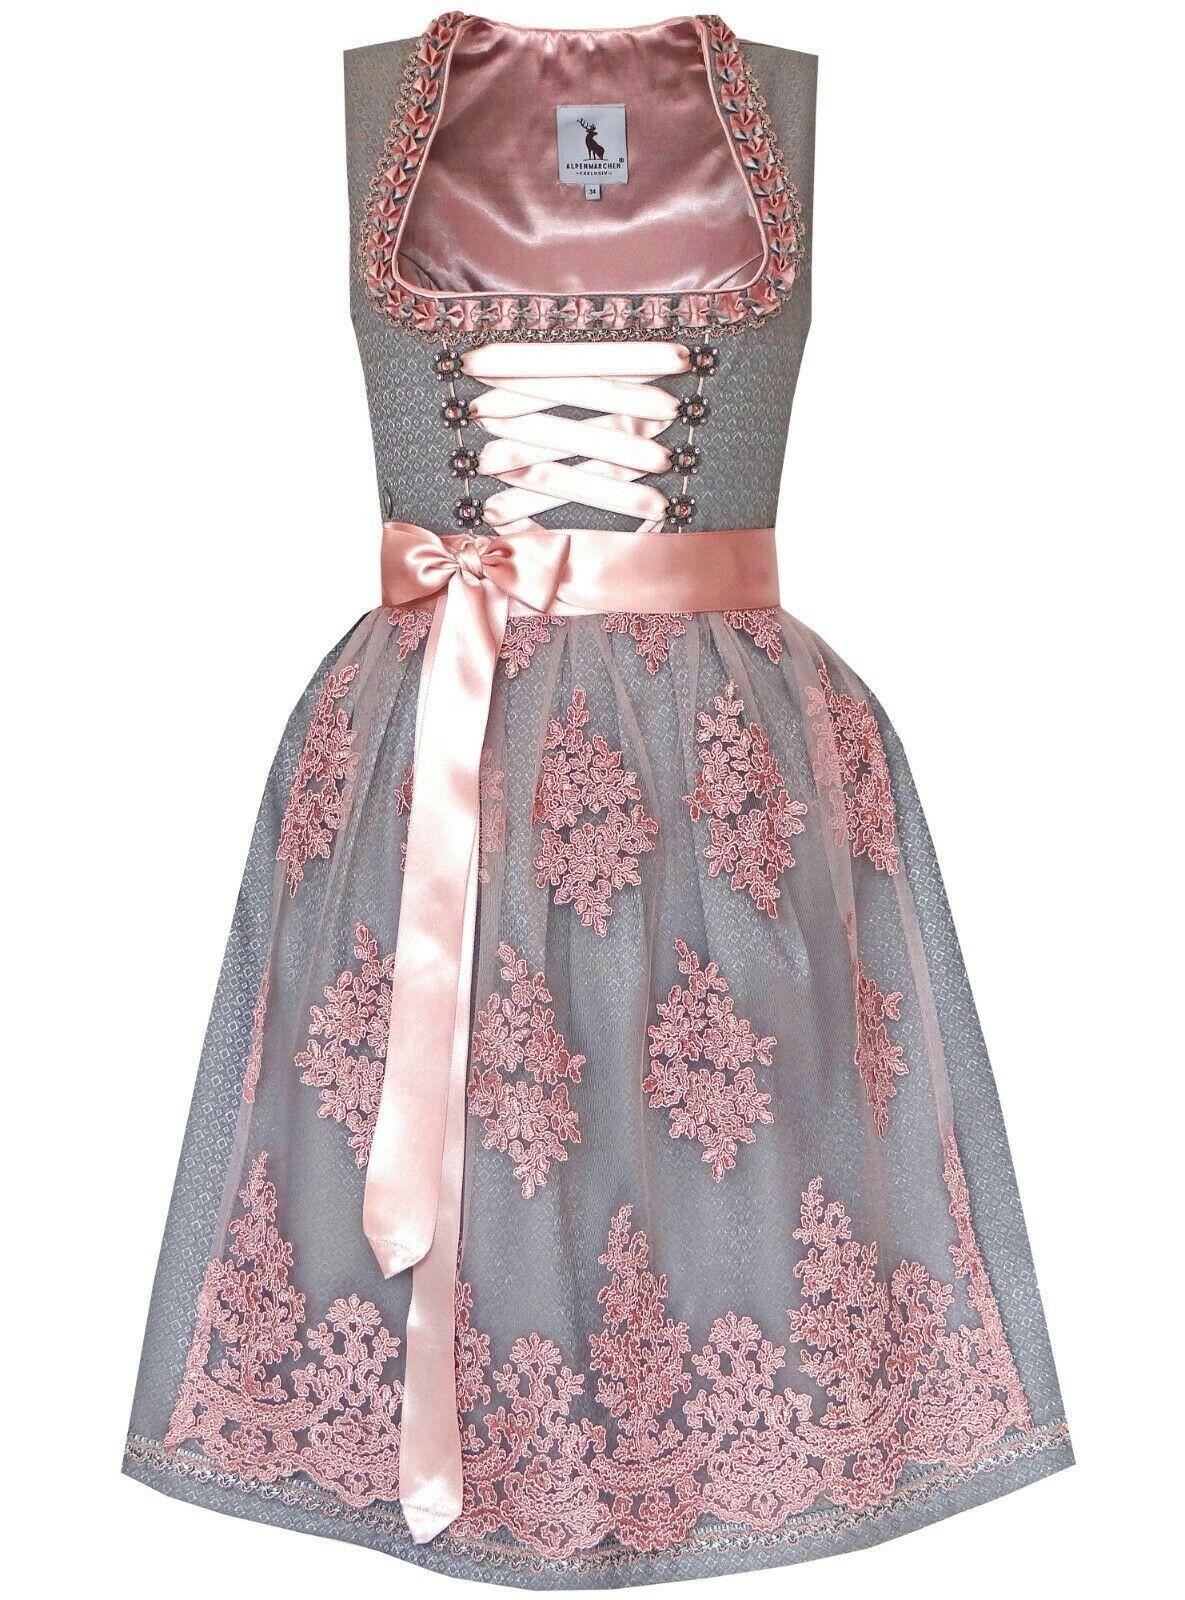 Details Zu Dirndl Midi Von Alpenmarchen Inkl Spitzenschurze Grau Rosa Edel Festlich Damen With Images Two Piece Skirt Set Dresses Fashion